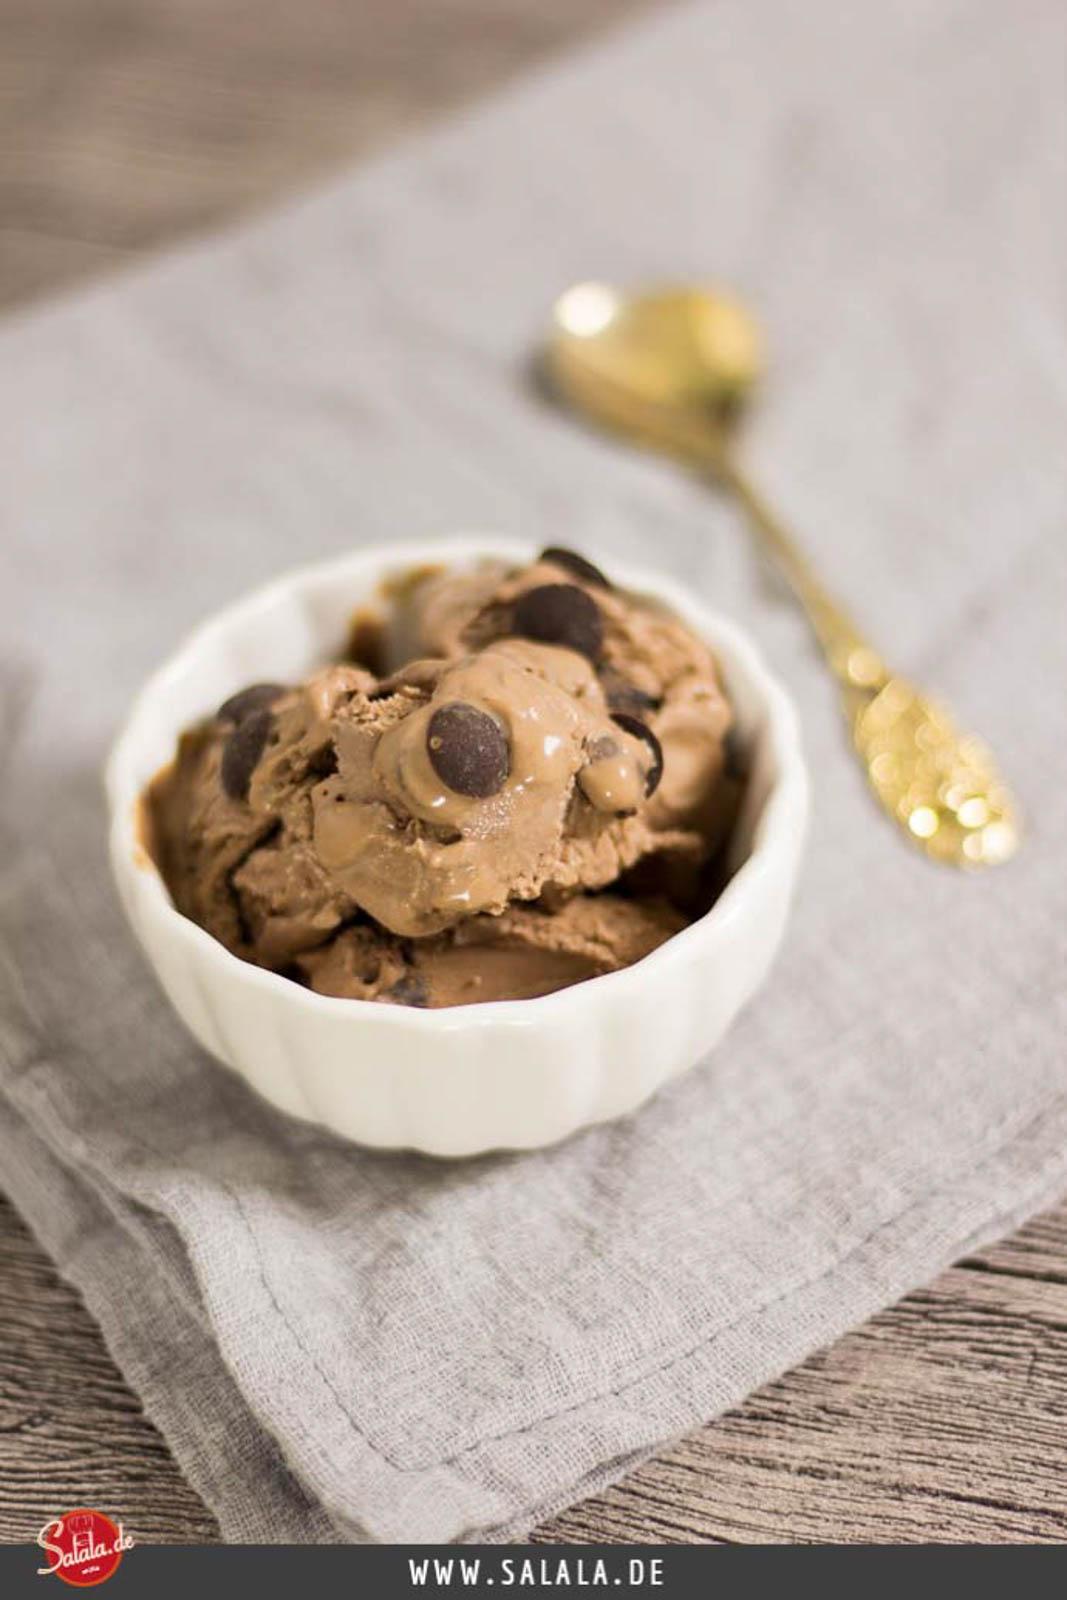 Chocolate Chip Eis - by salala.de - ohne Zucker Rezept mit Eismaschine Ibywind YF700 Low Carb mit Schokodrops